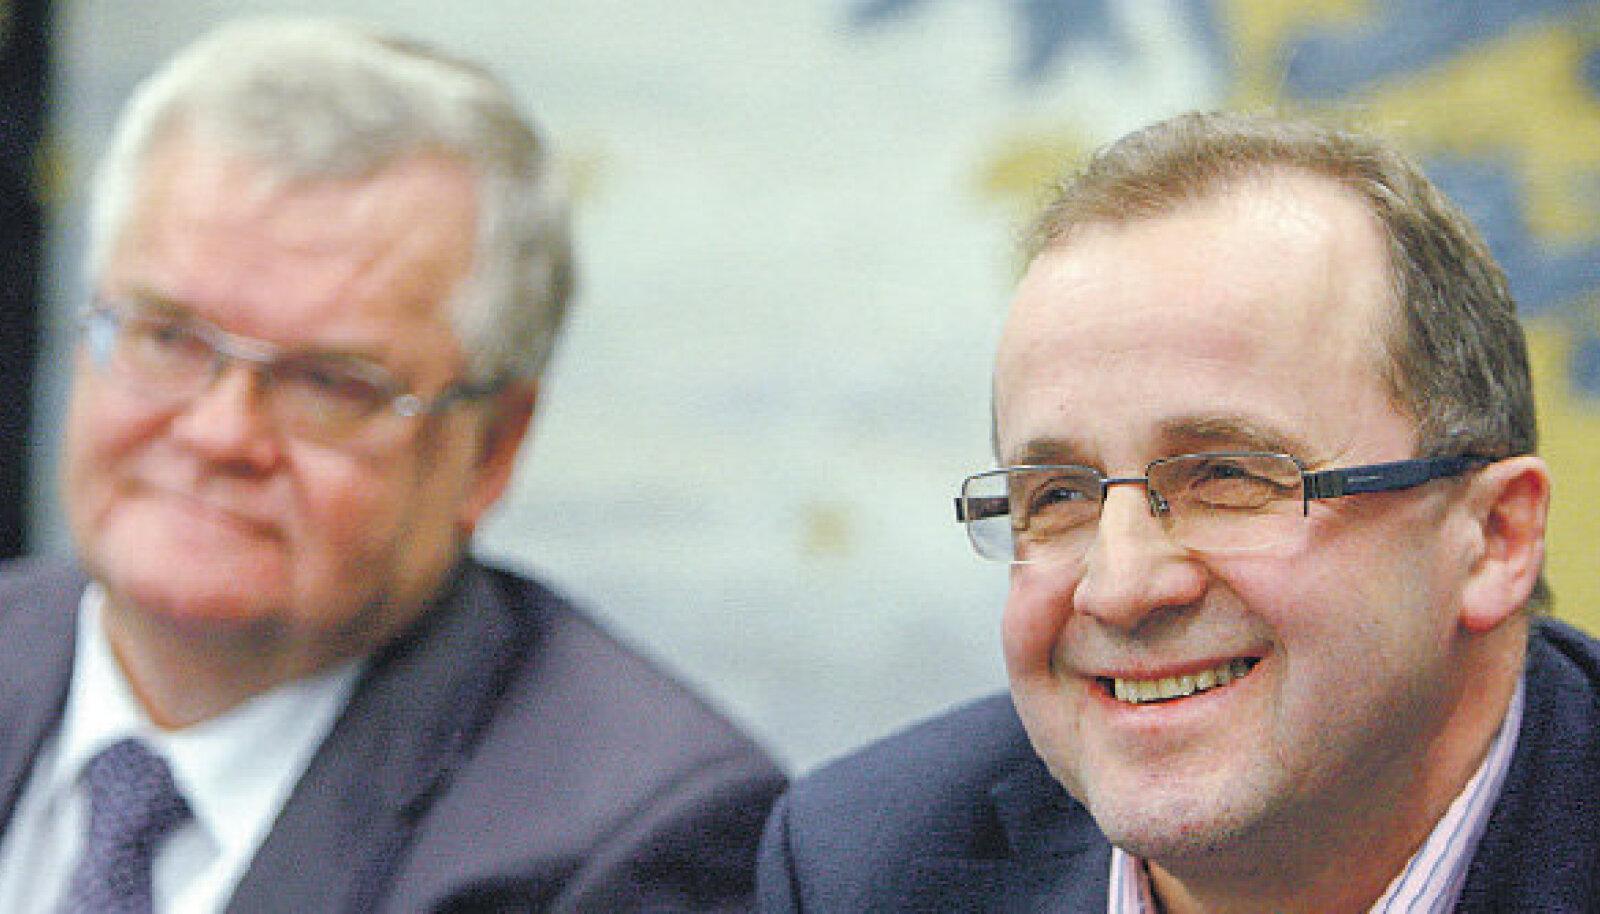 Keskerakonna õnn ja õnnetus on selle esimees Edgar Savisaar (vasakul), ütleb endine erakonnakaaslane, vastne reformierakondlane Ain Seppik.